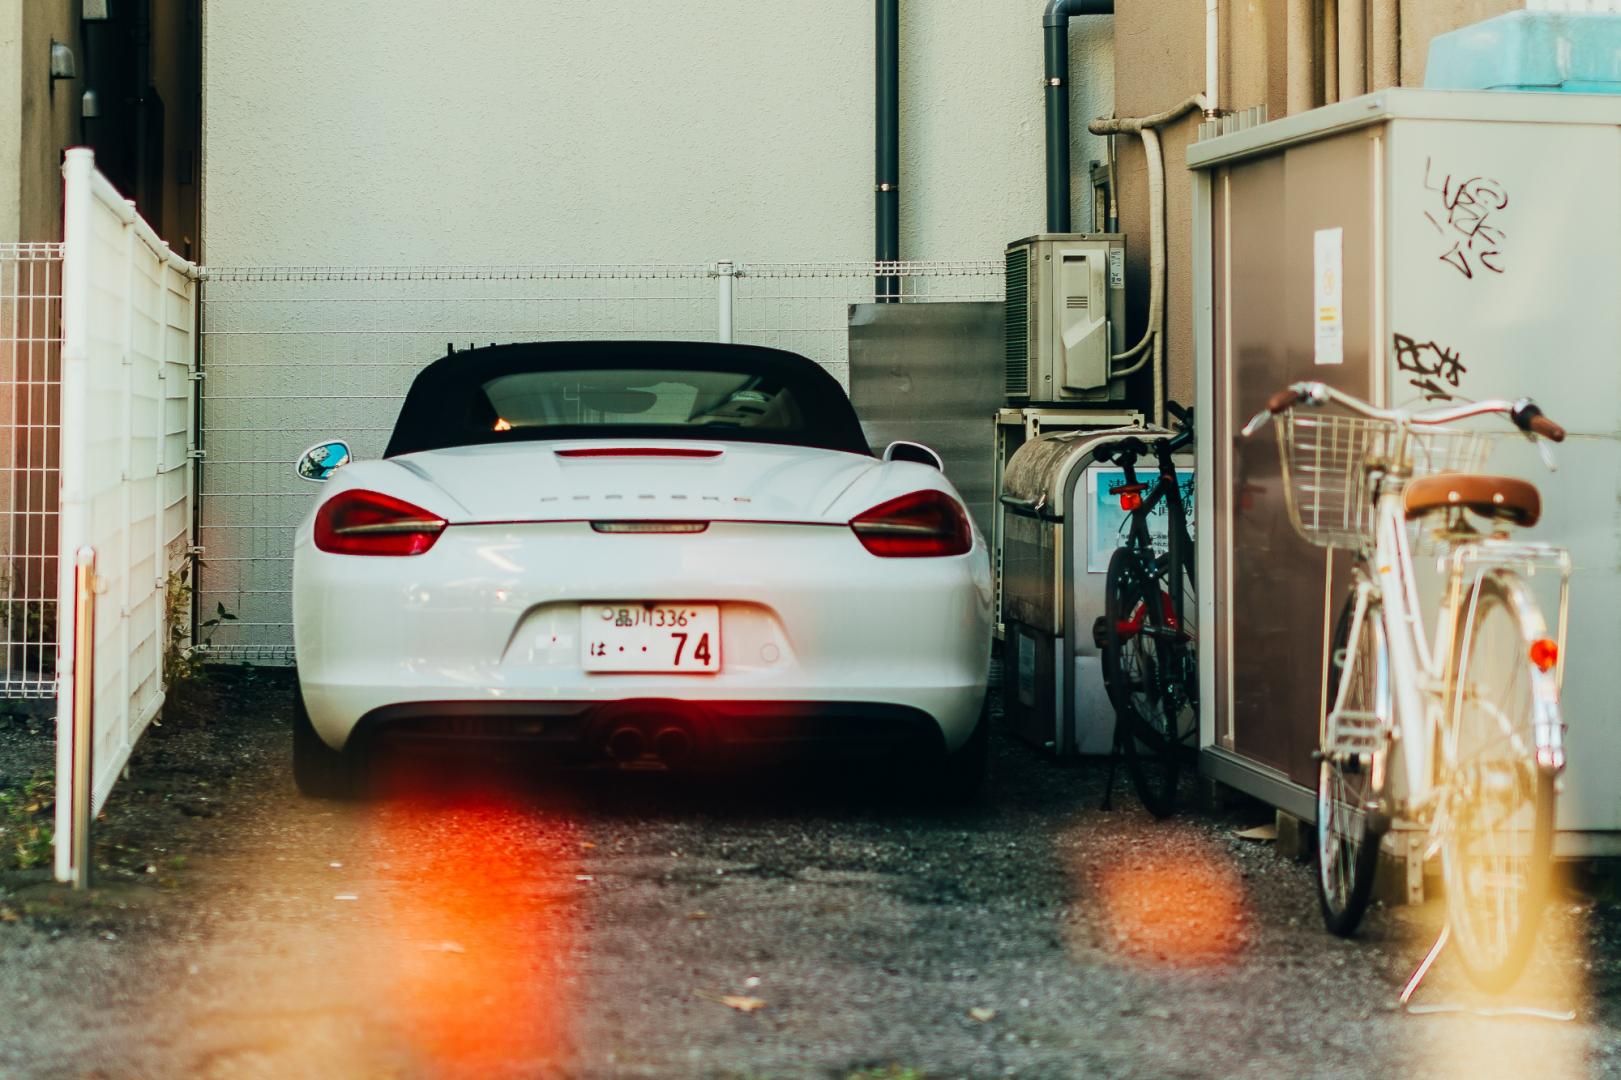 Машина «Порше» в одном из японских кварталов